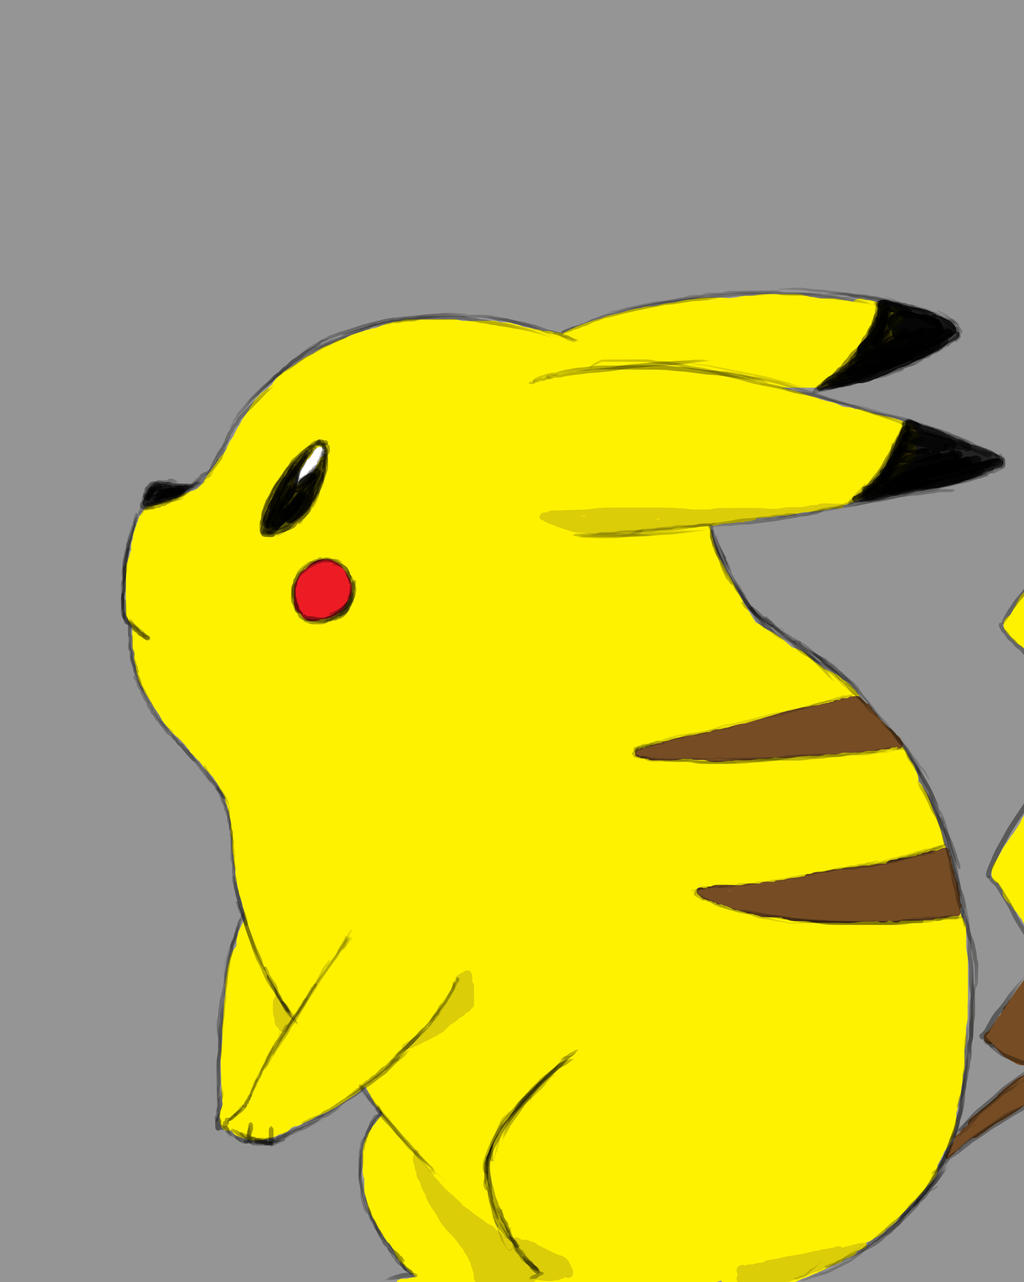 Pikachu Daily sketch #865 by GothicVampireFreak